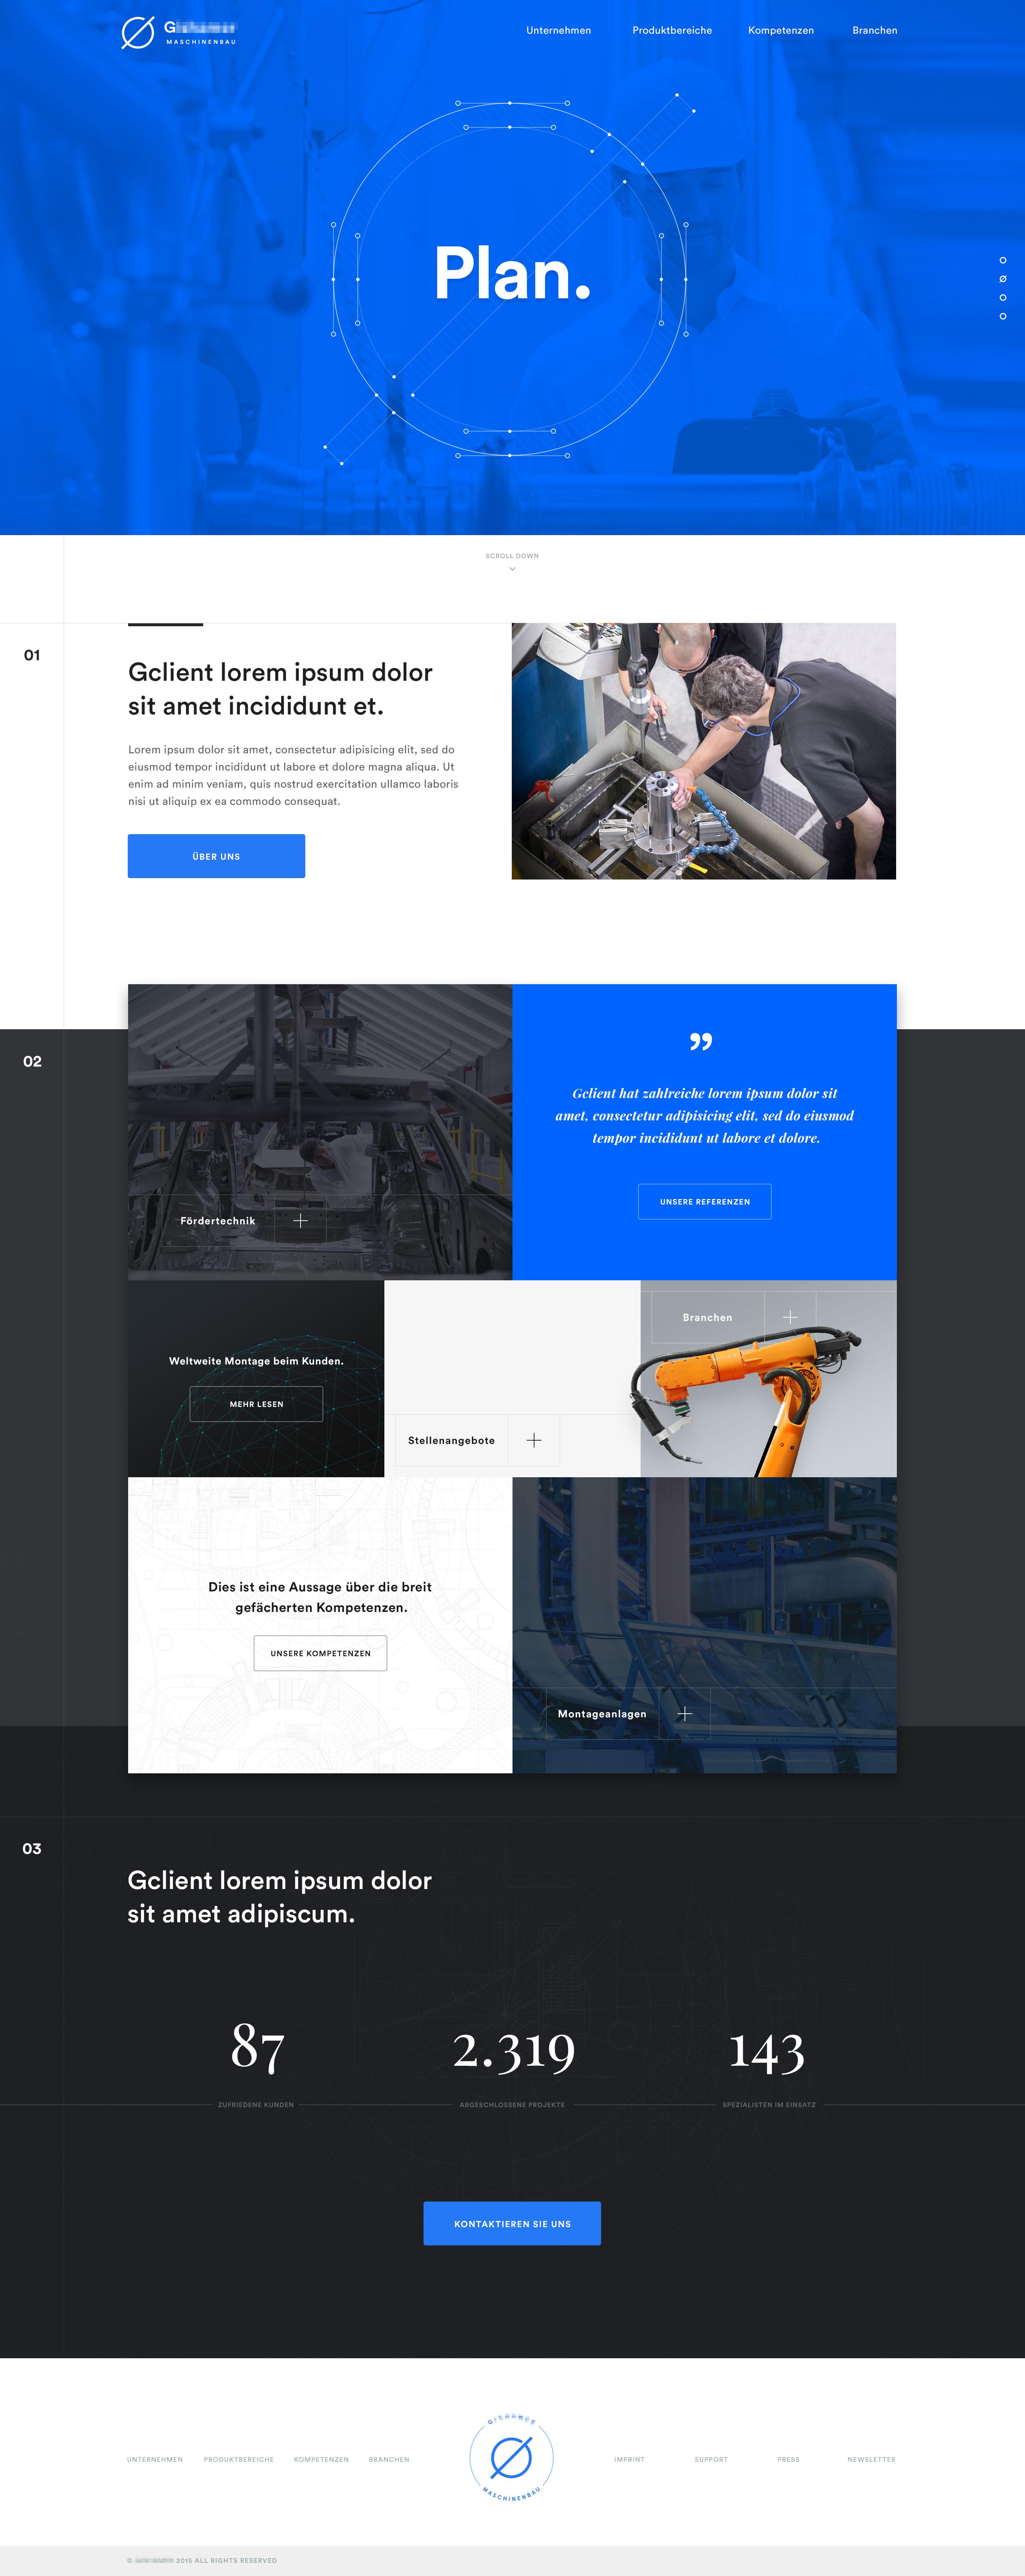 Engineering.jpg by Manuel Haring